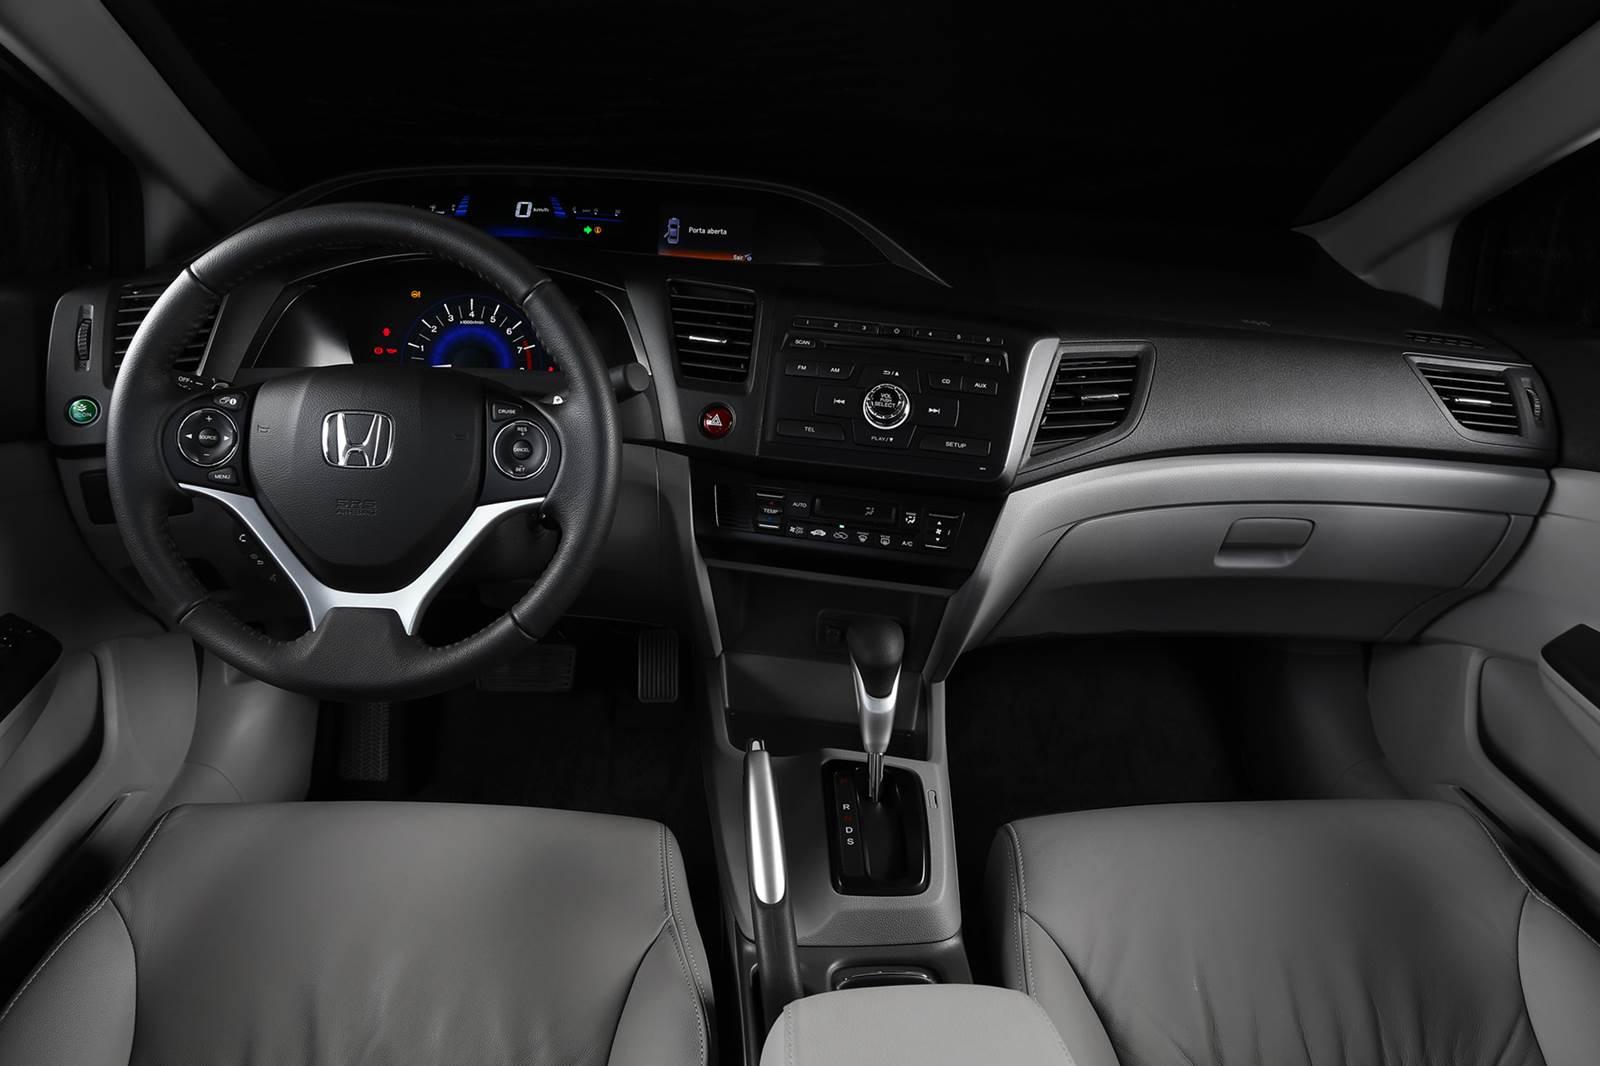 Honda Civic 2016 Chega Em Fevereiro Lxr Ganha Esp Car Blog Br